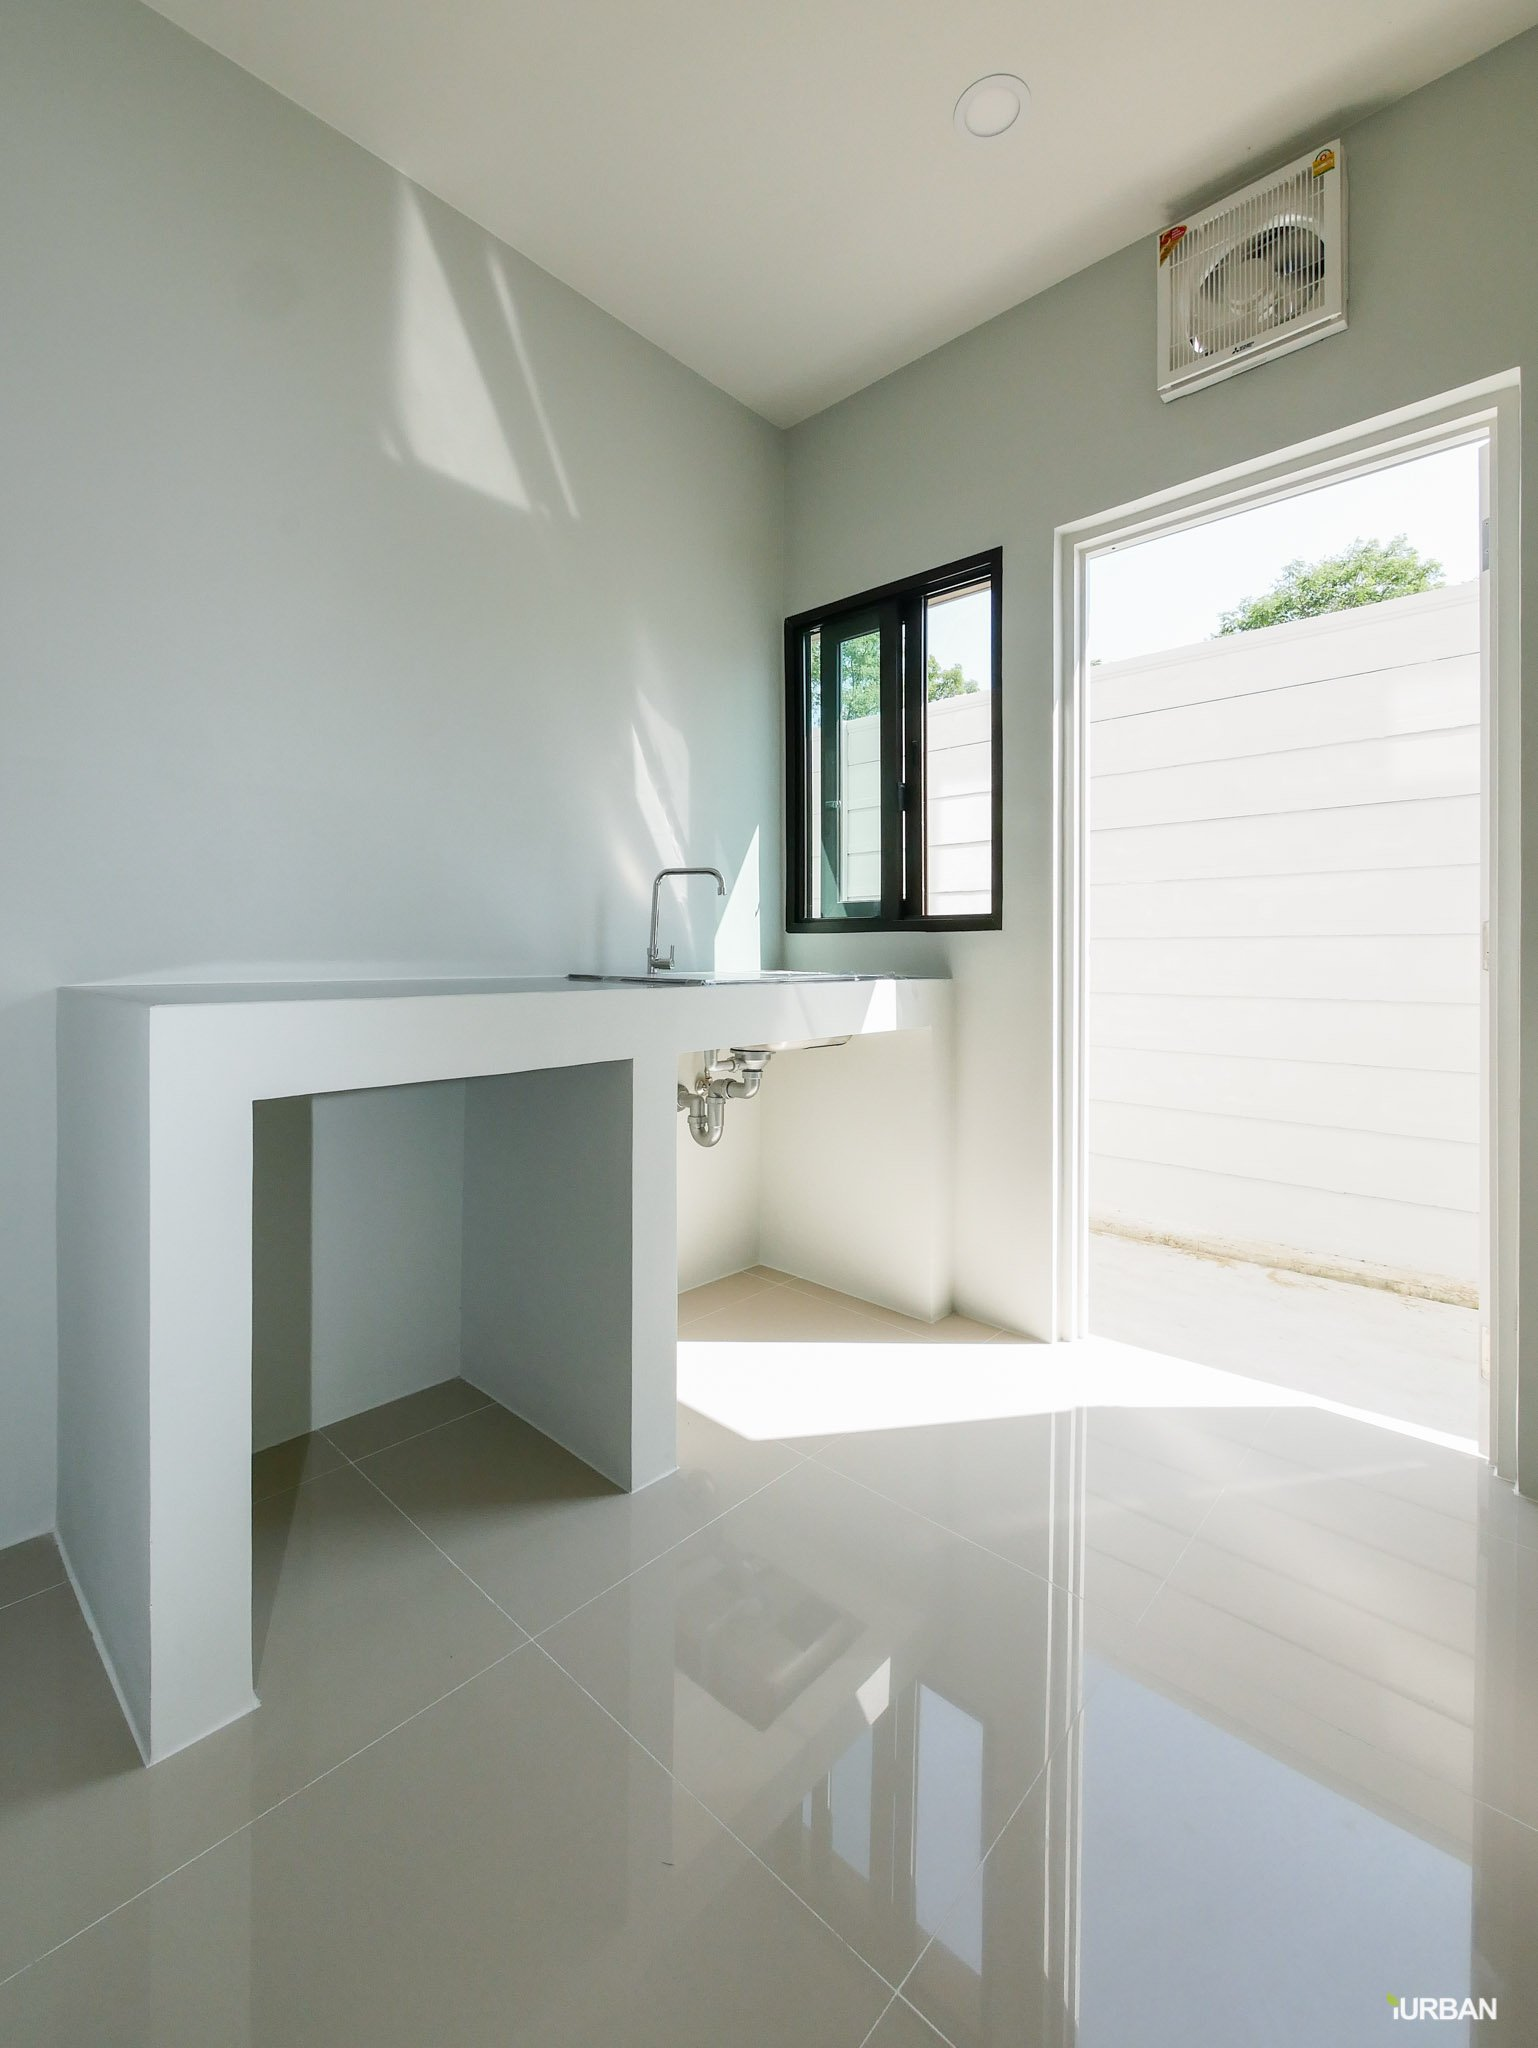 รีวิว CENTRO รามอินทรา-จตุโชติ บ้านเดี่ยวหลังใหญ่ 4 ห้องนอน บนวงแหวน ระดับคุณภาพจากเอพี 60 - AP (Thailand) - เอพี (ไทยแลนด์)